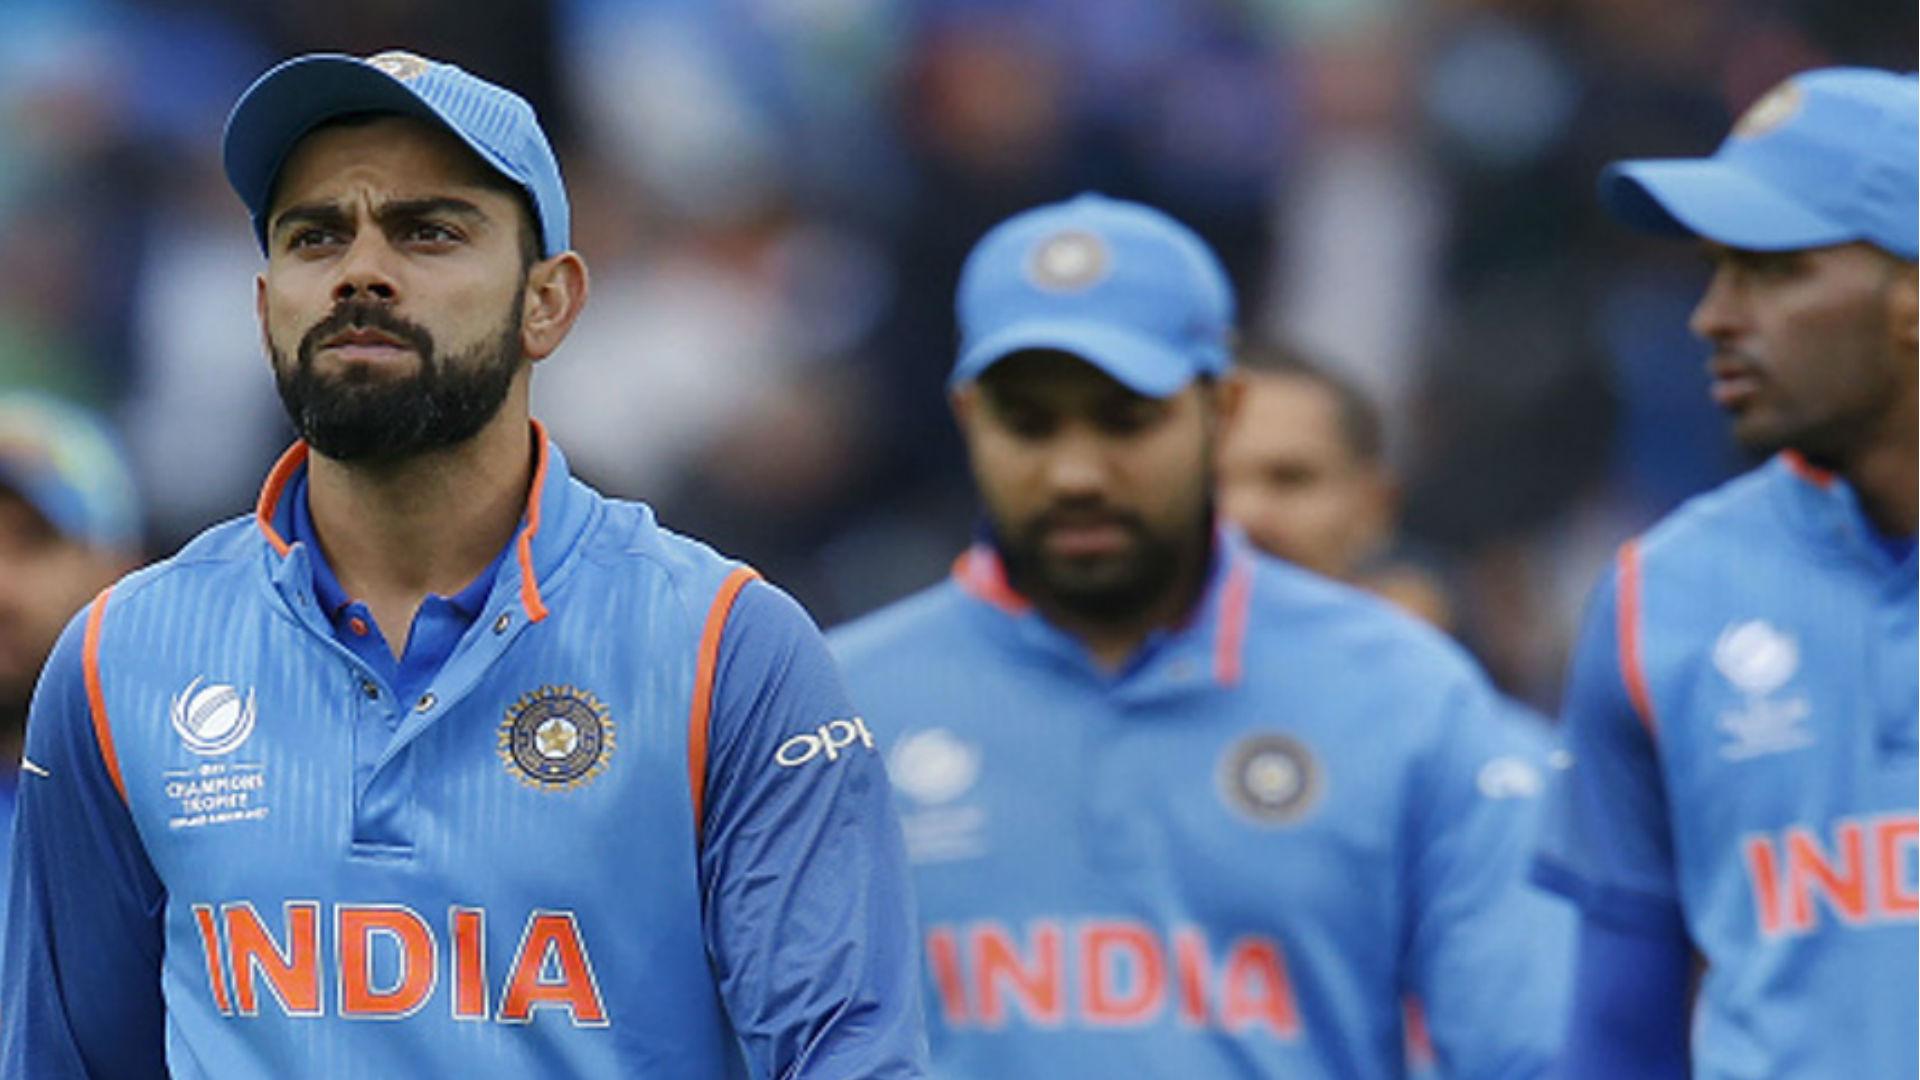 World Cup 2019: भारत के वर्ल्ड कप 2019 जीतने का ख्वाब टूटा, बॉलीवुड ने यूं बढ़ाया टीम इंडिया का हौसला